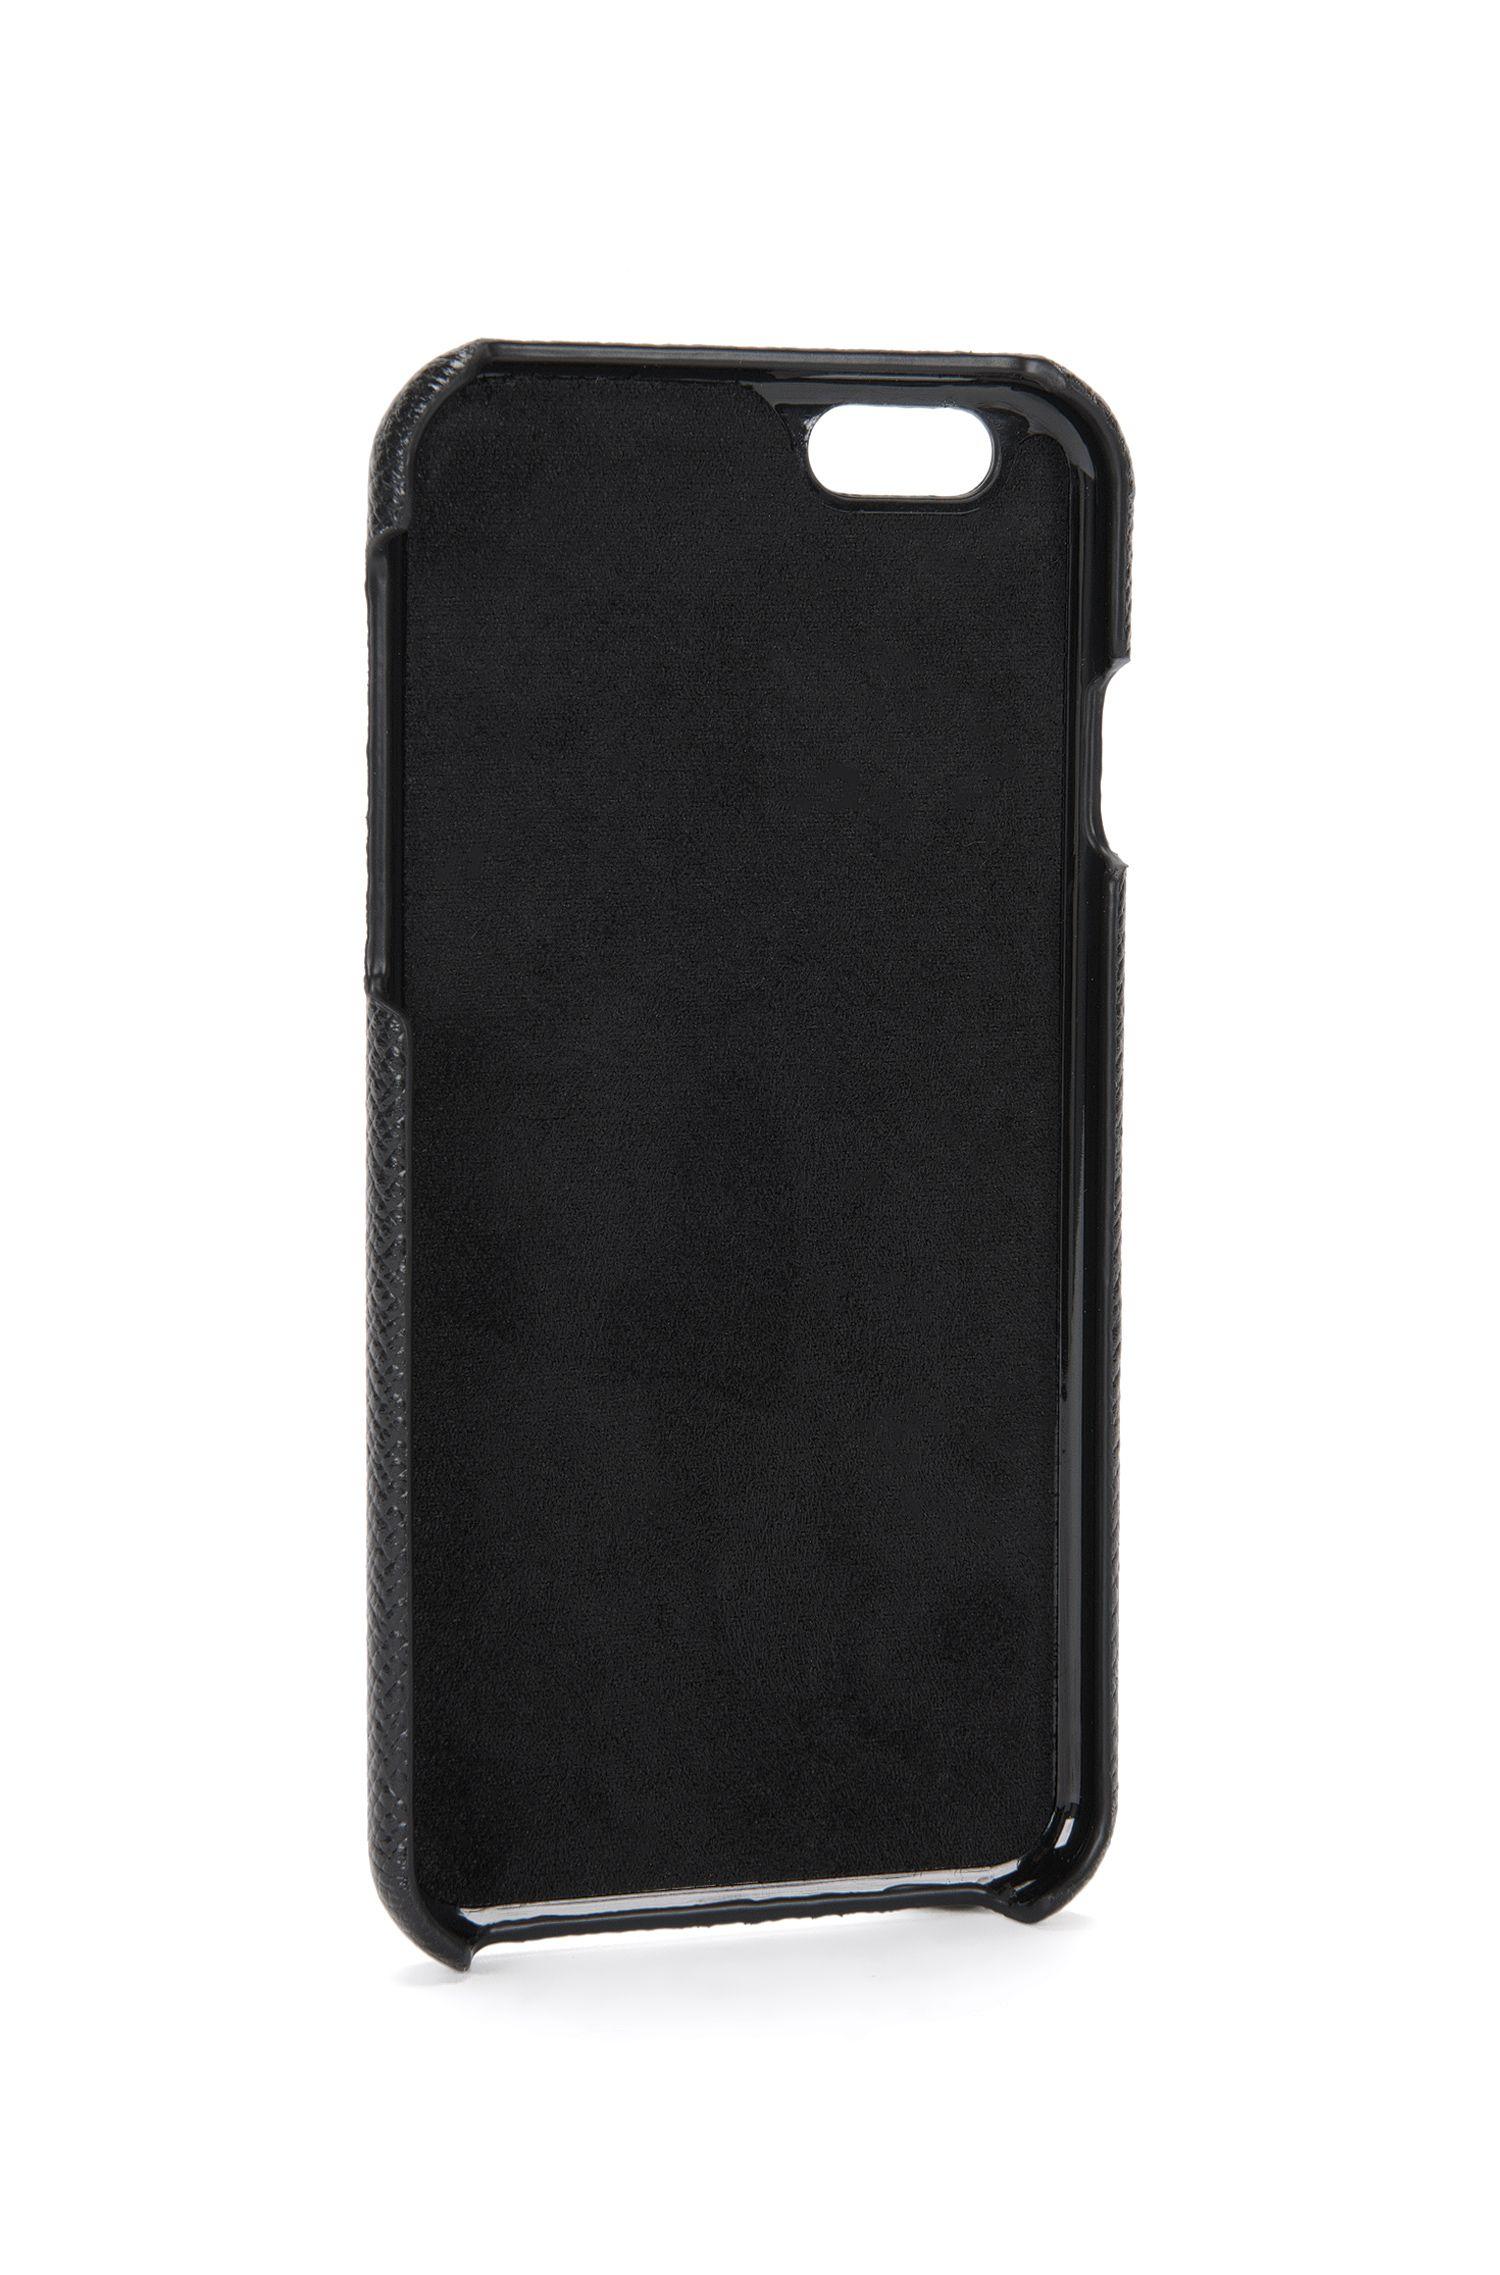 Calfskin Embossed iPhone 6 Phone Case | Signature Phone 6